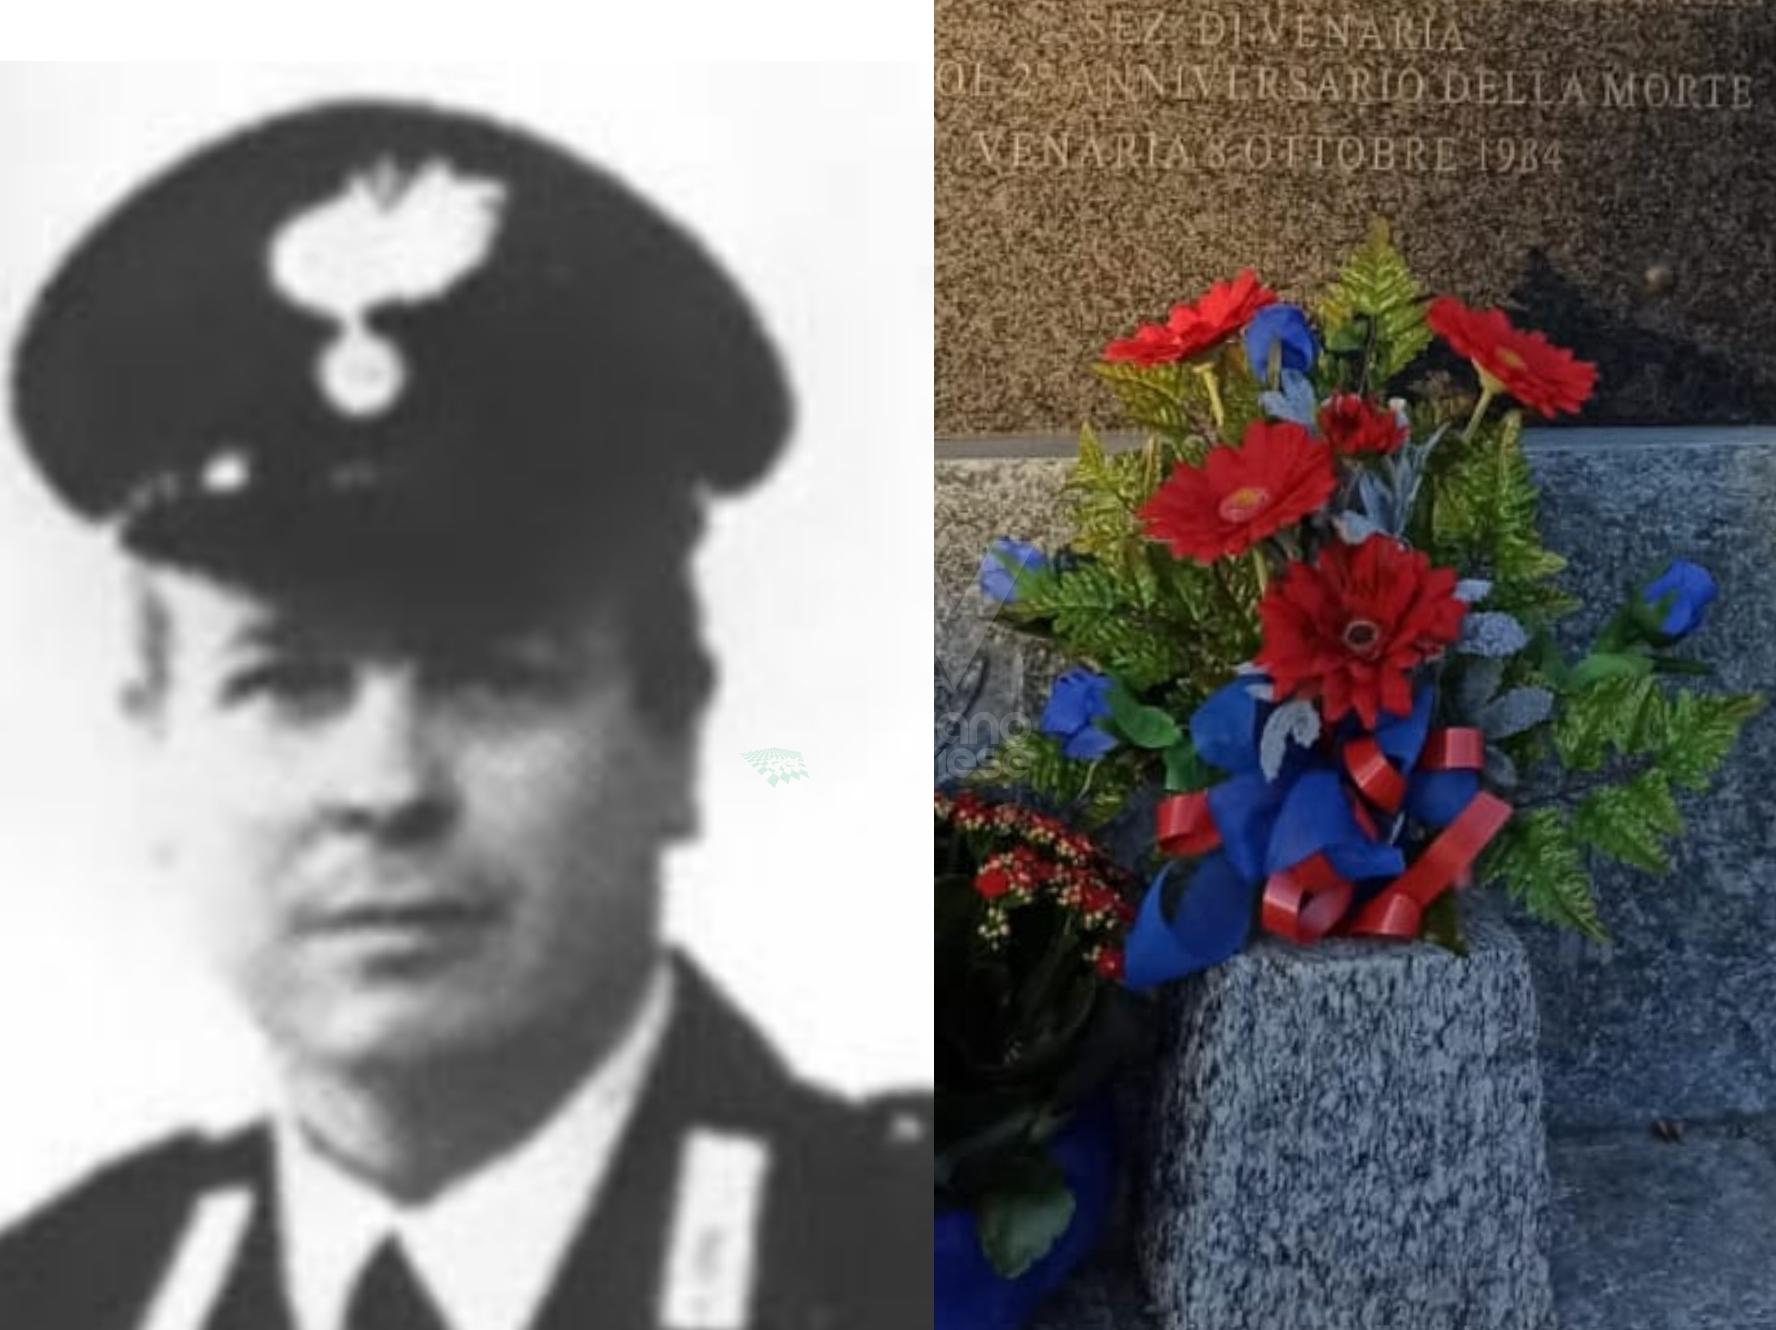 VENARIA - L'AssoCarabinieri ricorda il vicebrigadiere Benito Atzei a 39 anni dalla morte